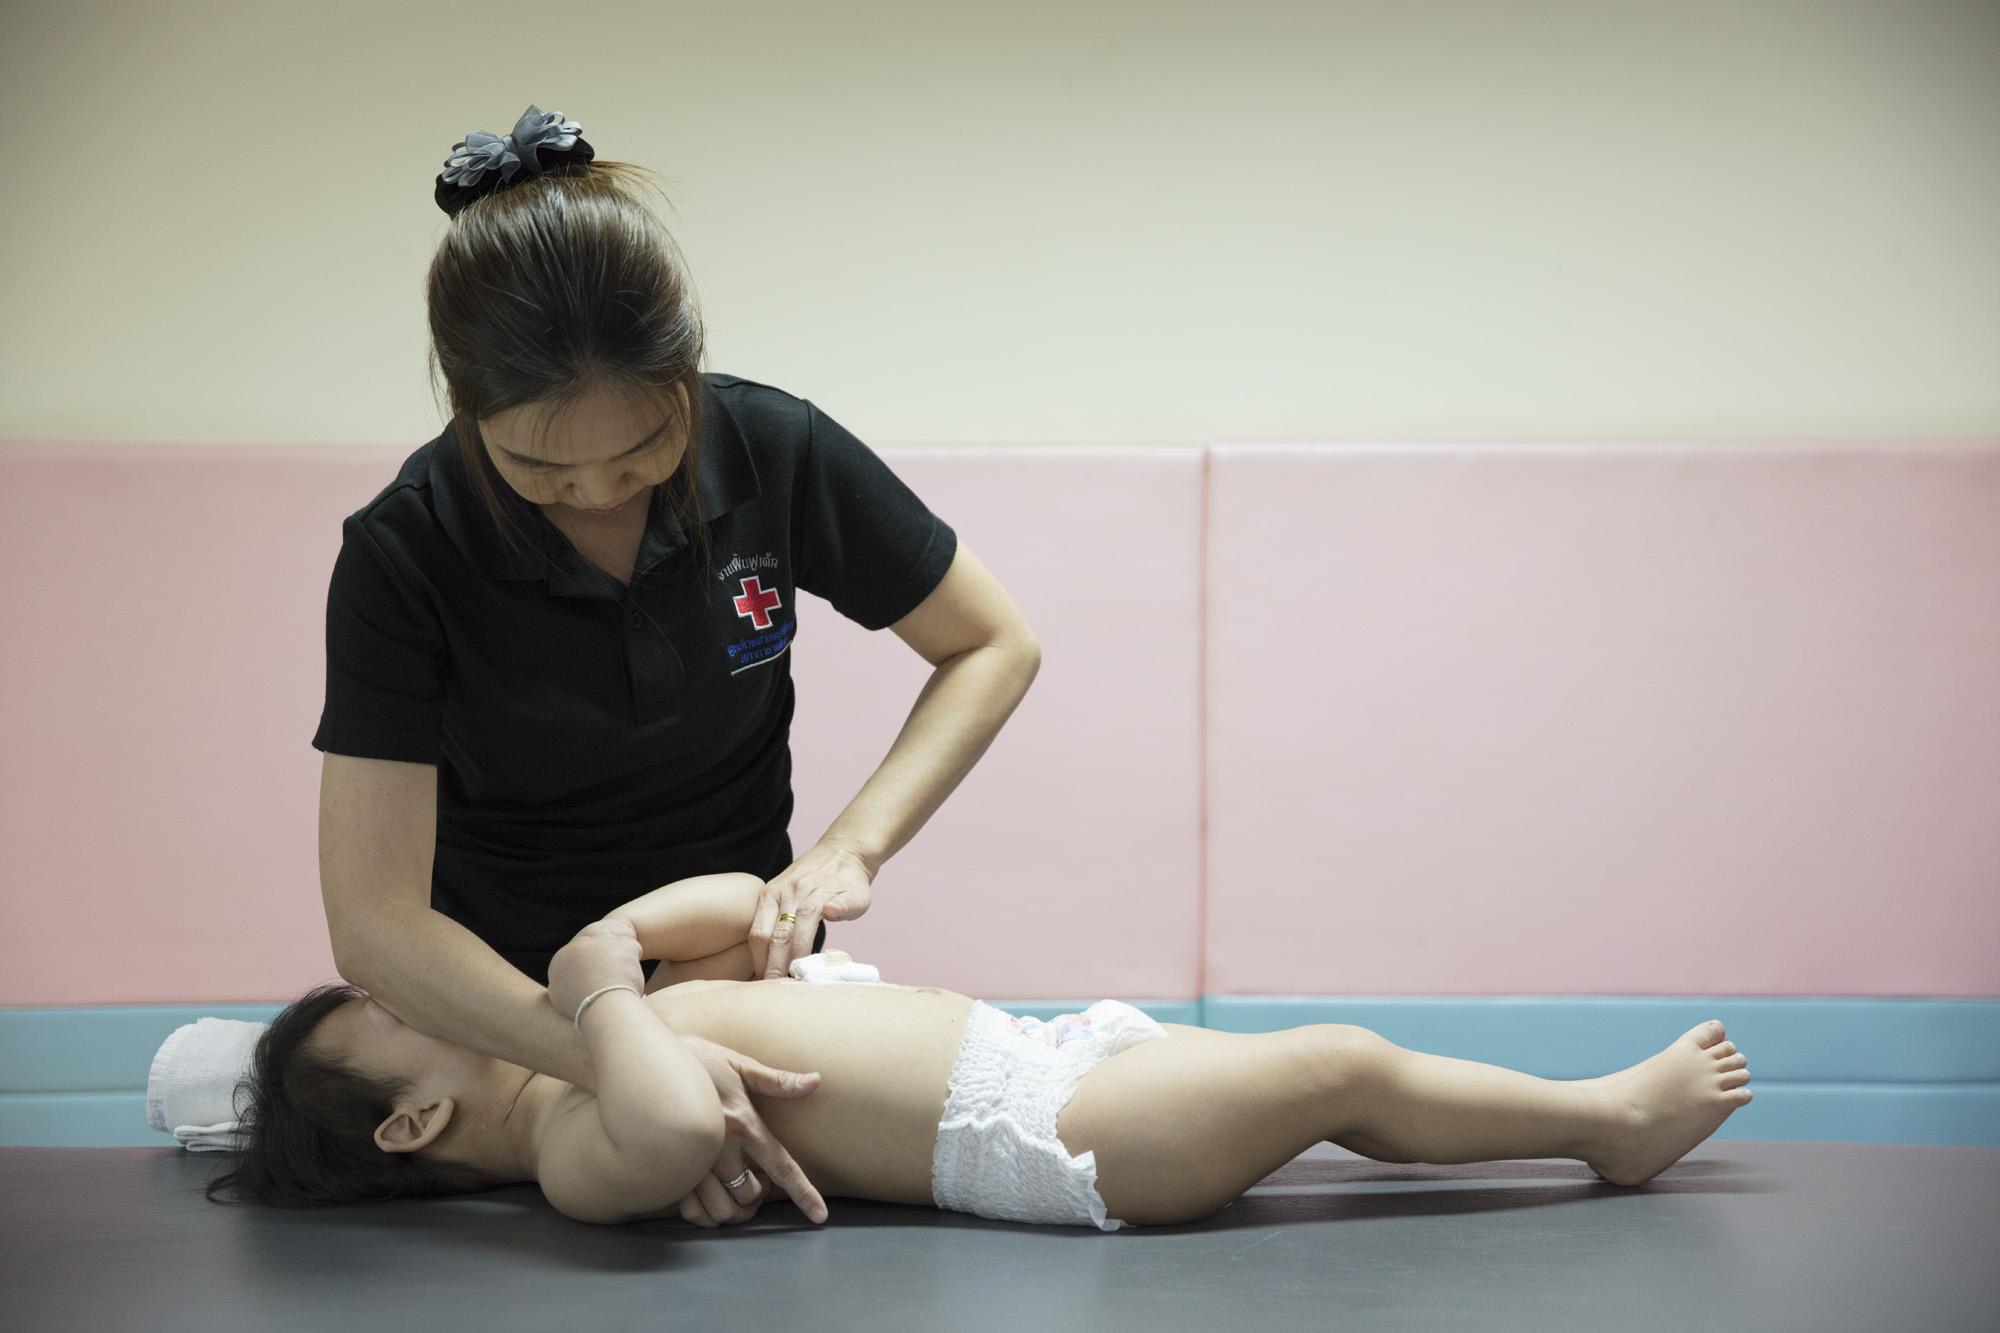 ฝึกอบรมนักบำบัดวอยต้าสำหรับฟื้นฟูเด็กผู้พิการ